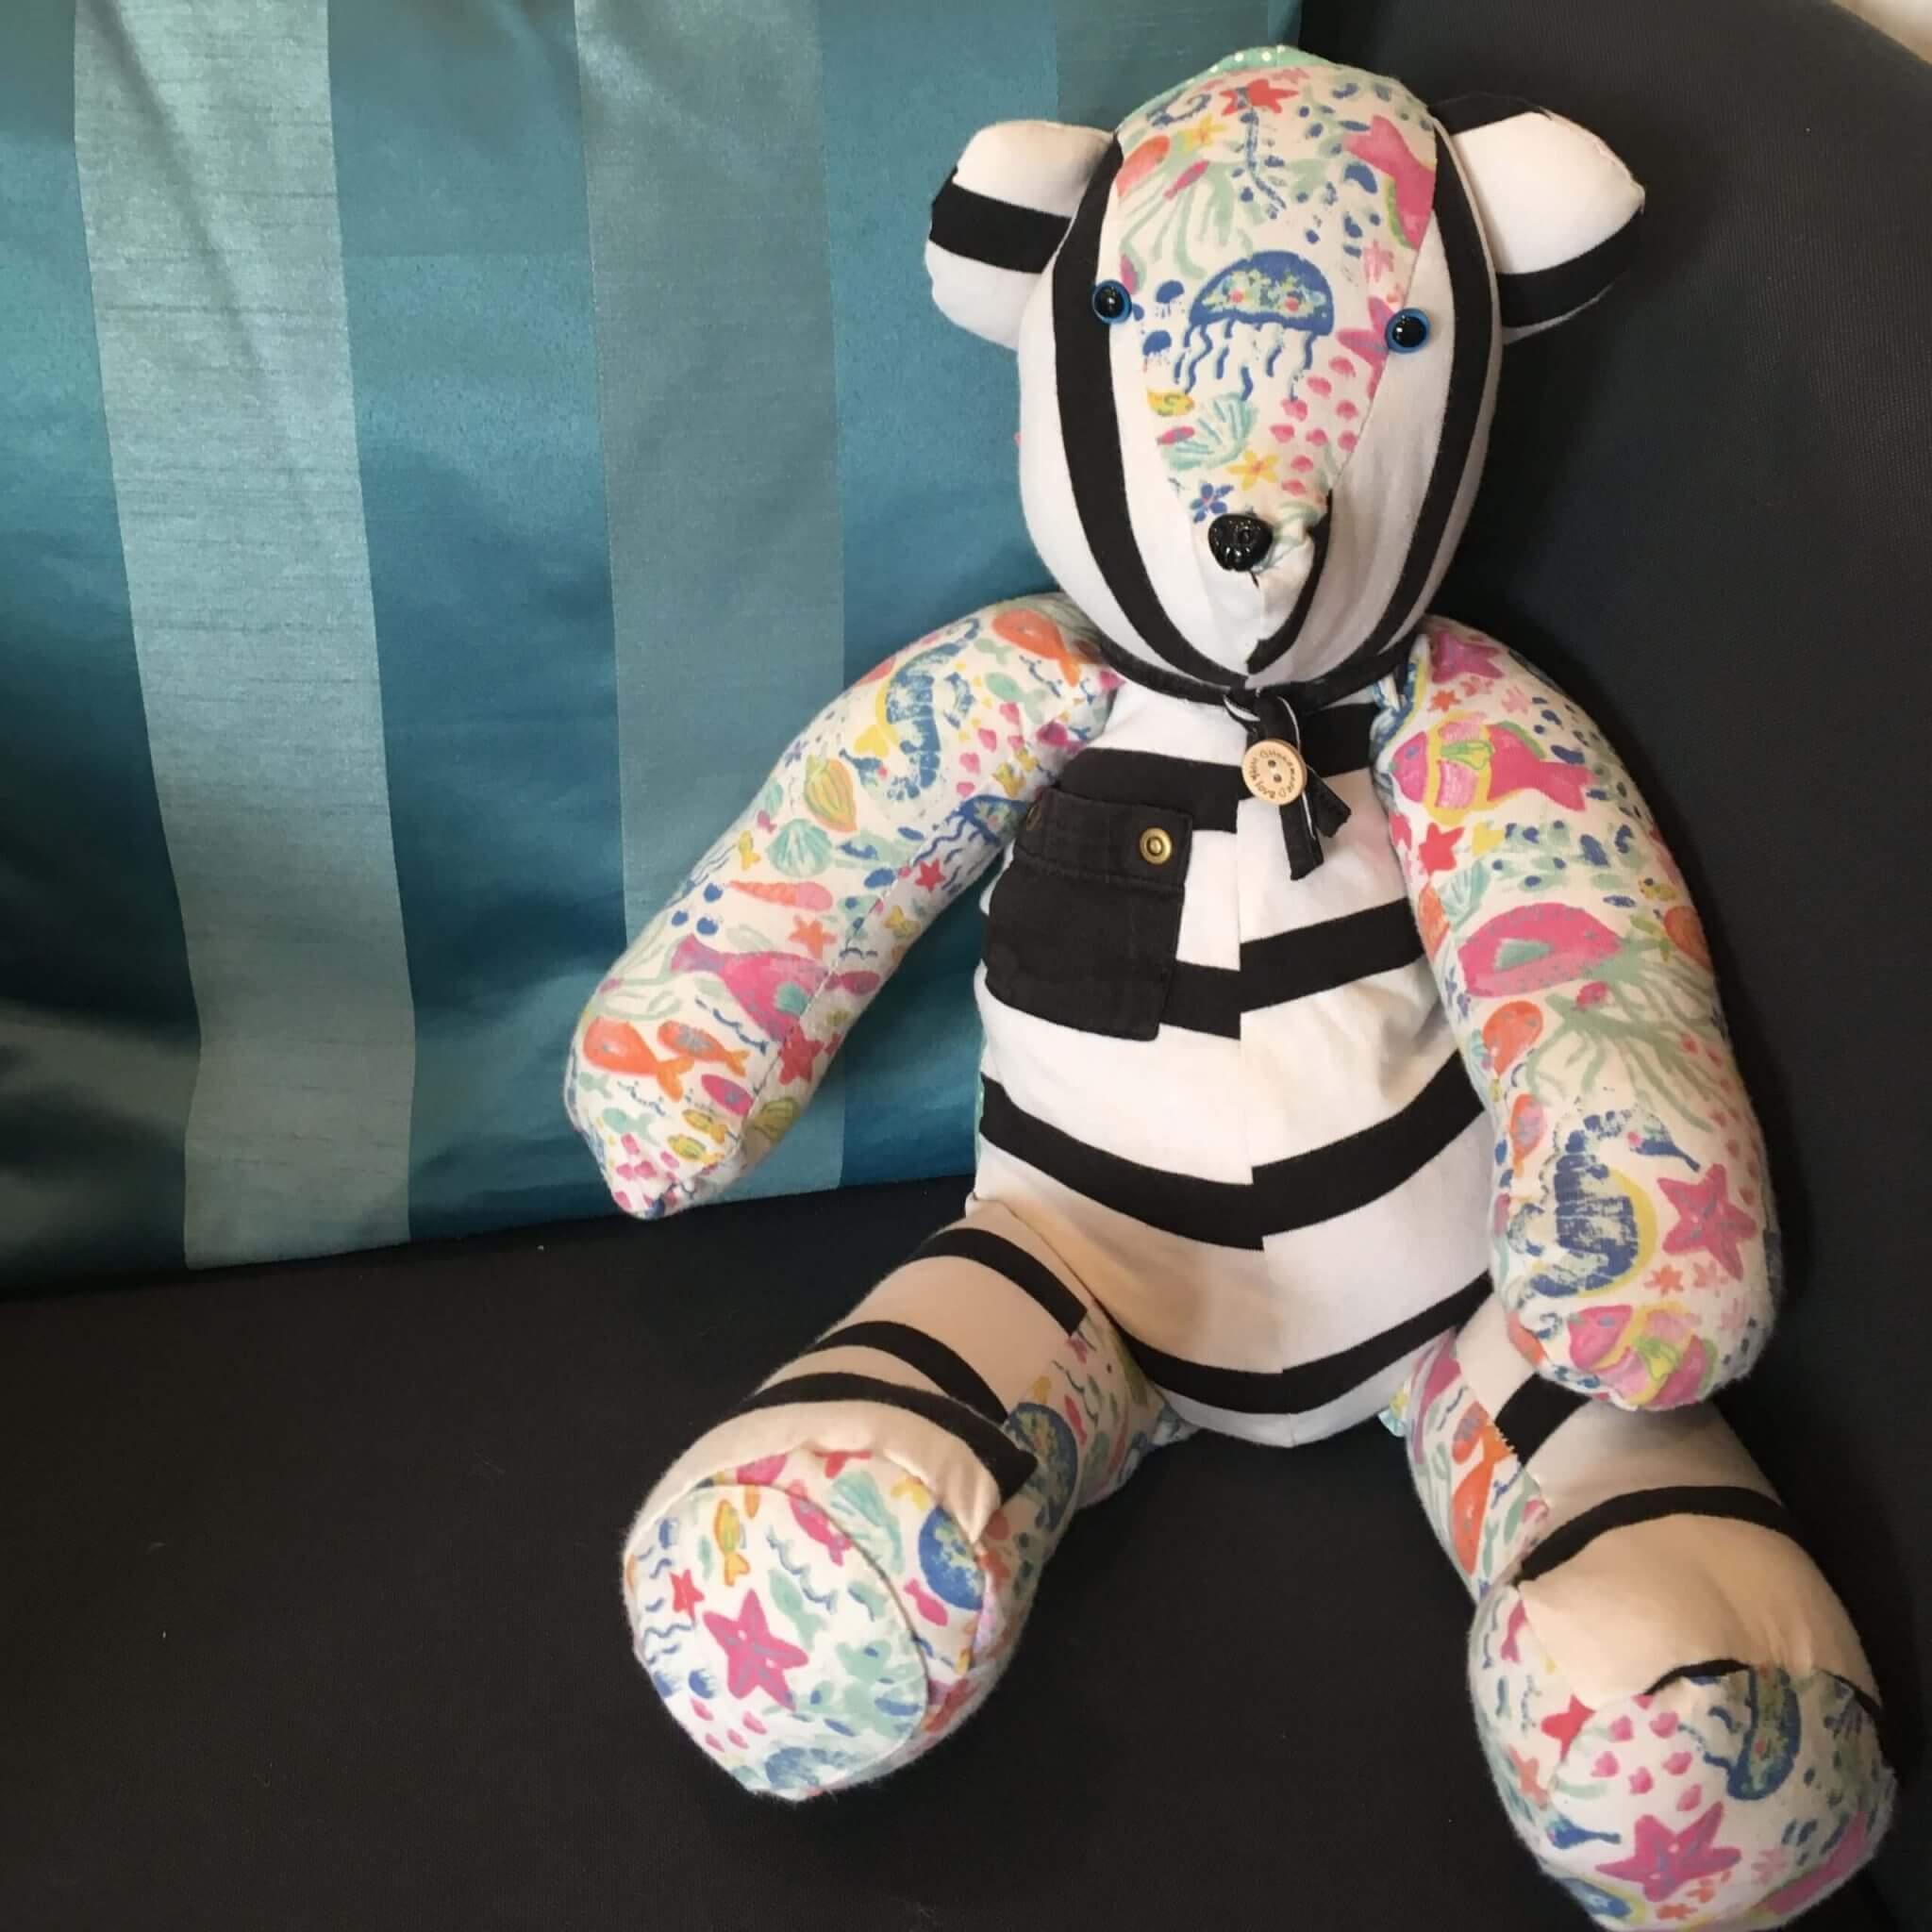 Teddy bear on sofa